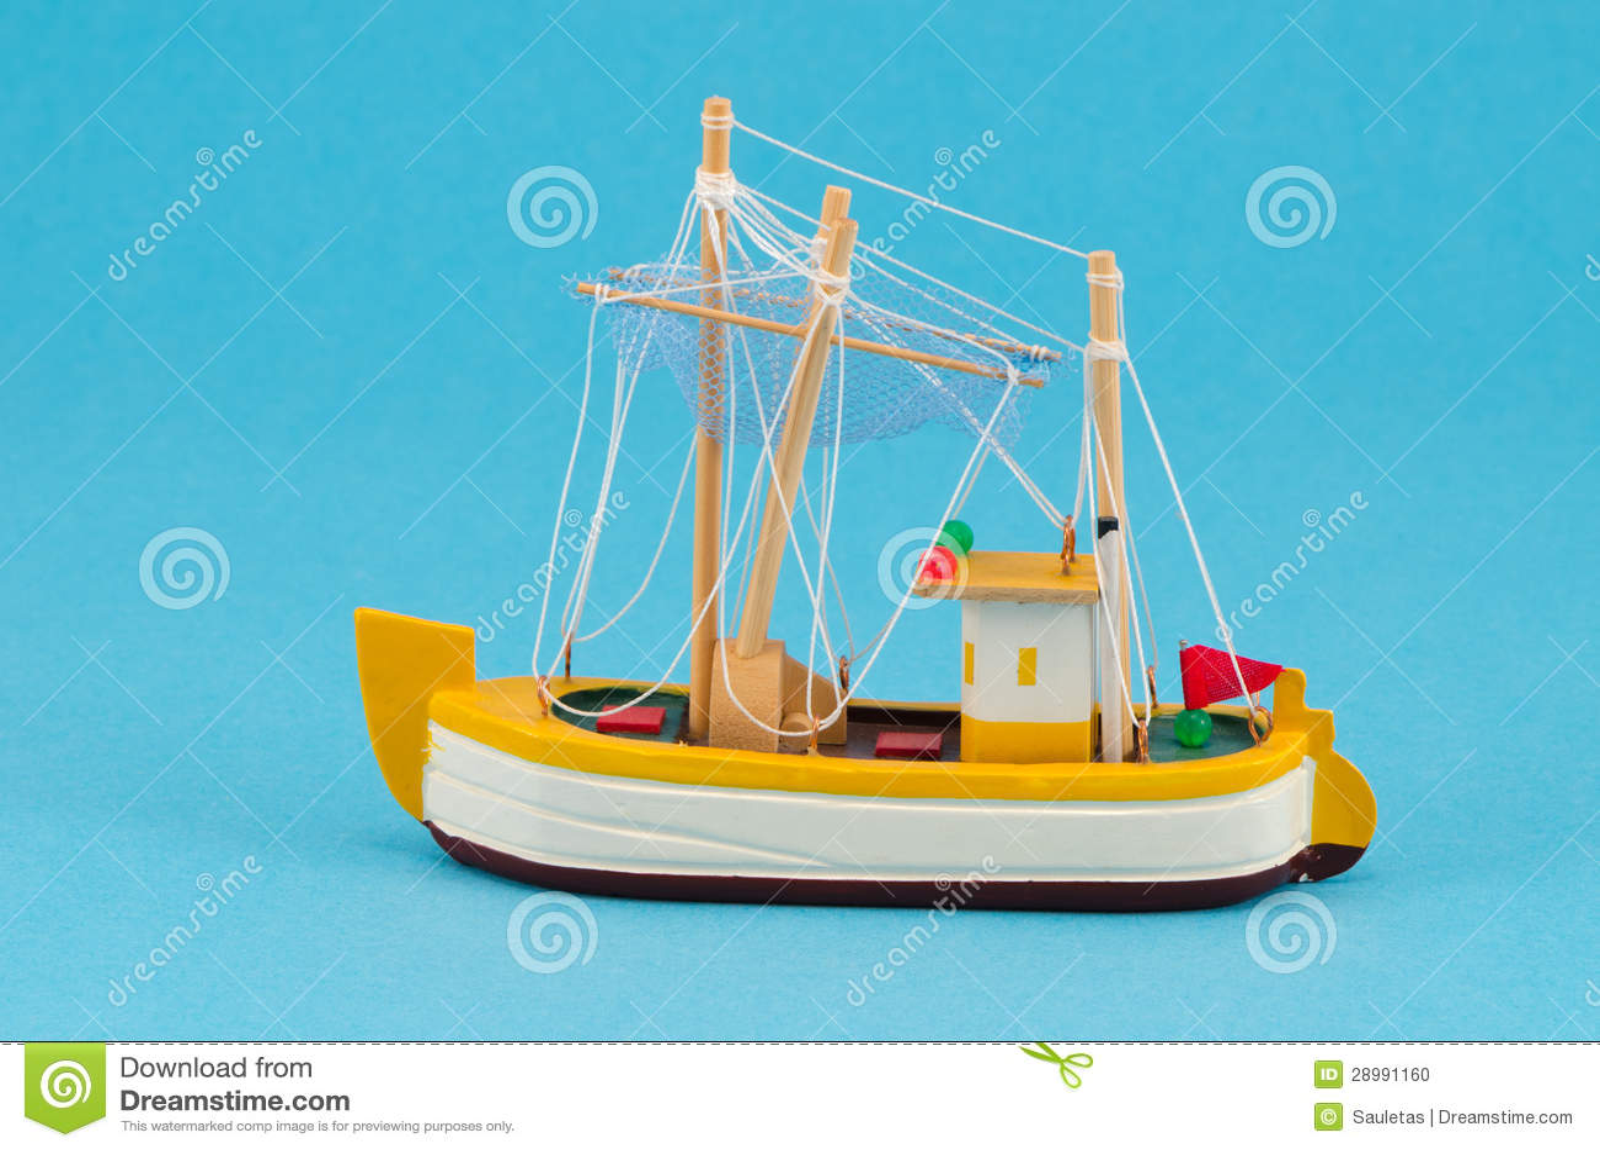 Barcos modelo CAOBA - modelos de barco de velocidad